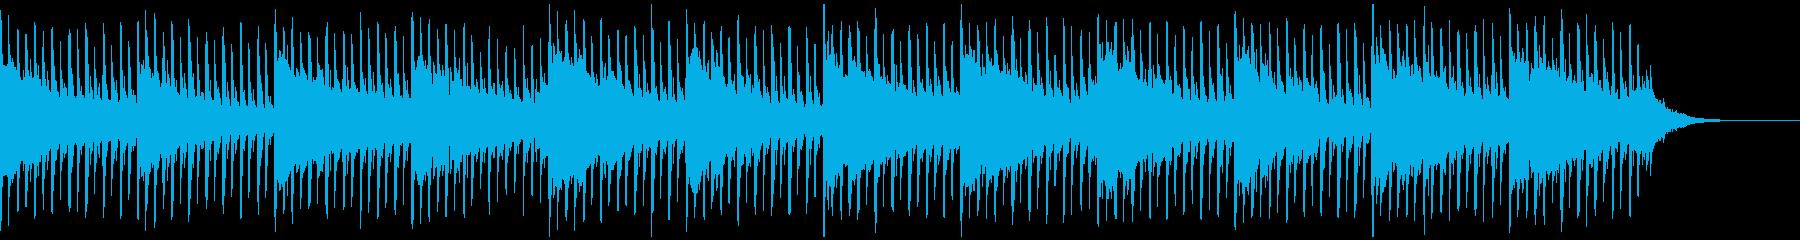 これはインタビュー(60秒)ですの再生済みの波形